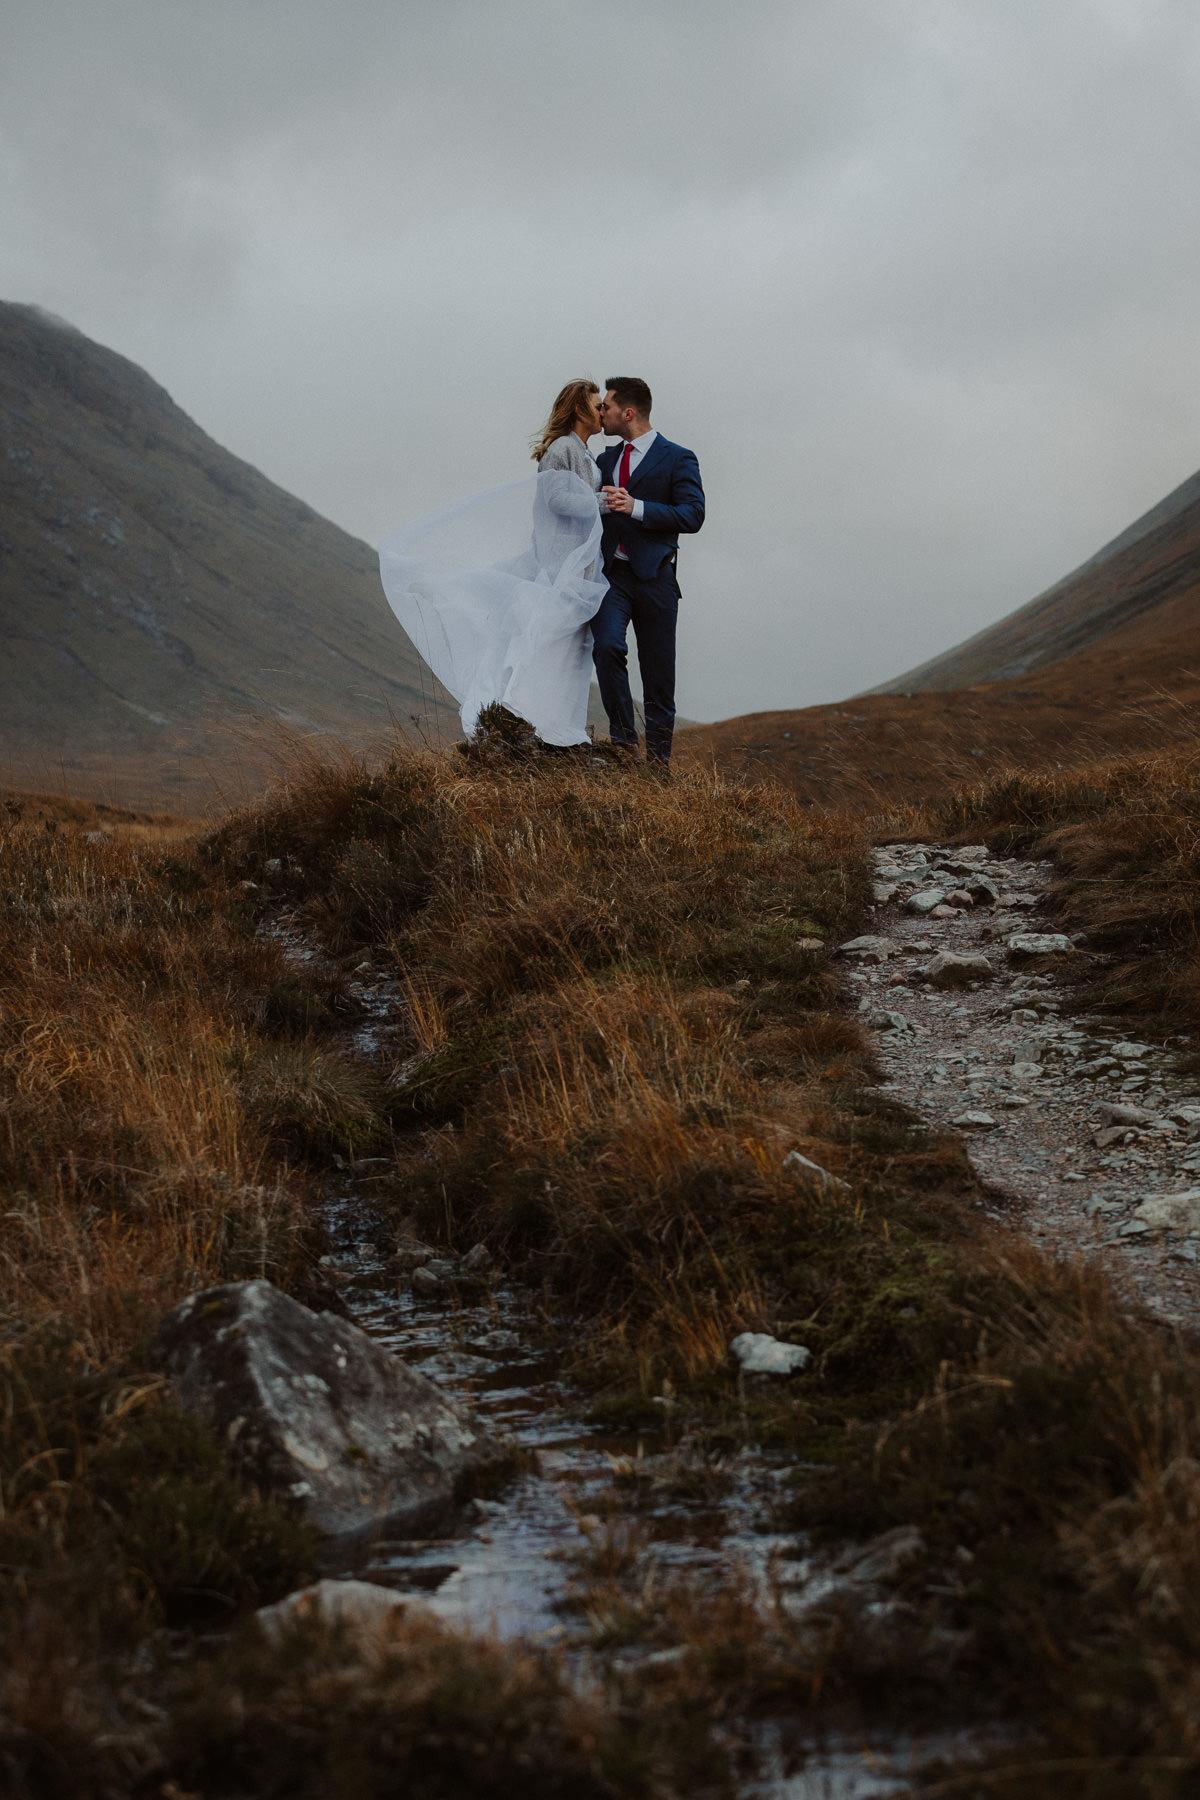 GLENCOE-blog-sesja-slubna-plener-szkocja-elopement-wedding-session_20181104_11-11-35_IMG_4693 Glencoe plener ślubny - sesja ślubna w Szkocji - love story Scotland